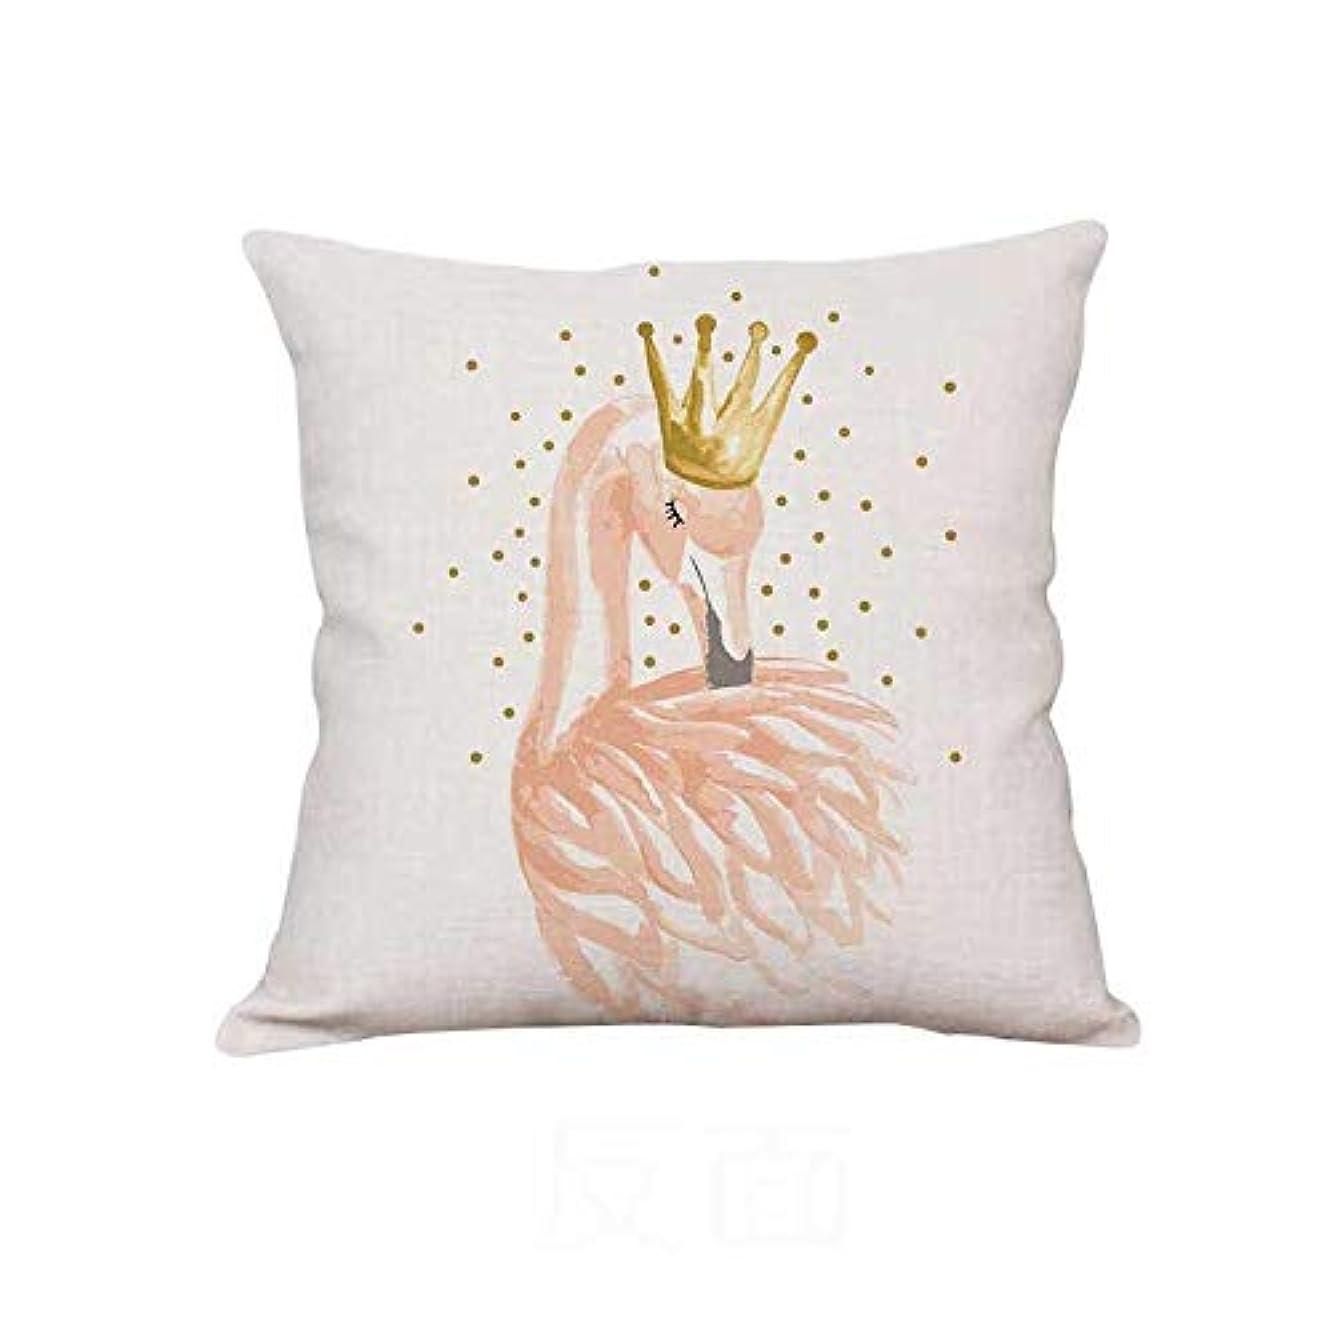 潜水艦プレビュー租界LIFE 新しいぬいぐるみピンクフラミンゴクッションガチョウの羽風船幾何北欧家の装飾ソファスロー枕用女の子ルーム装飾 クッション 椅子